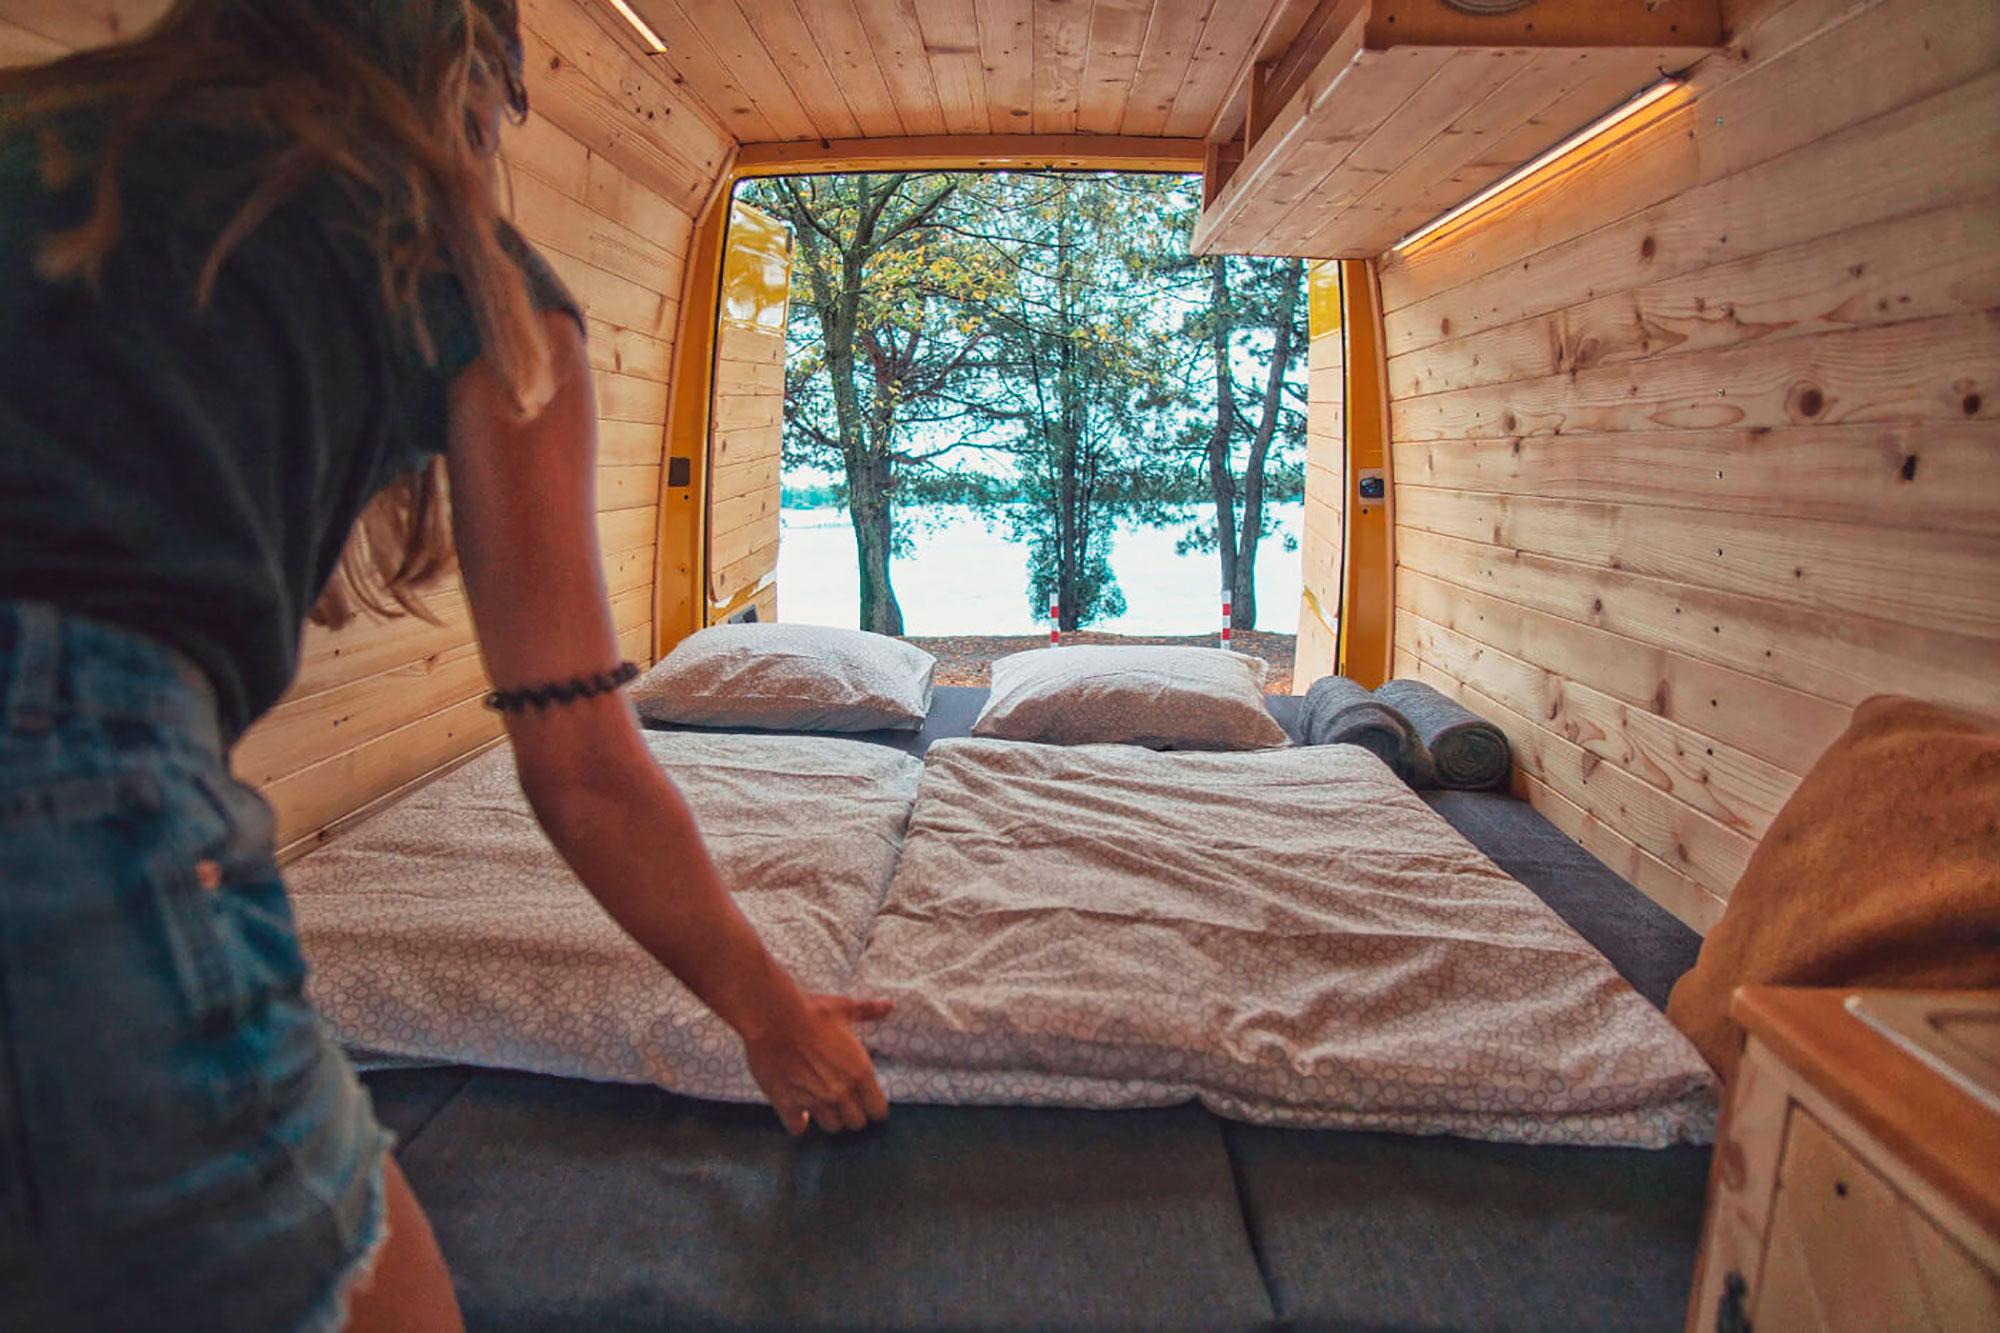 Ночью стол и диваны раскладывались во вполне комфортную кровать